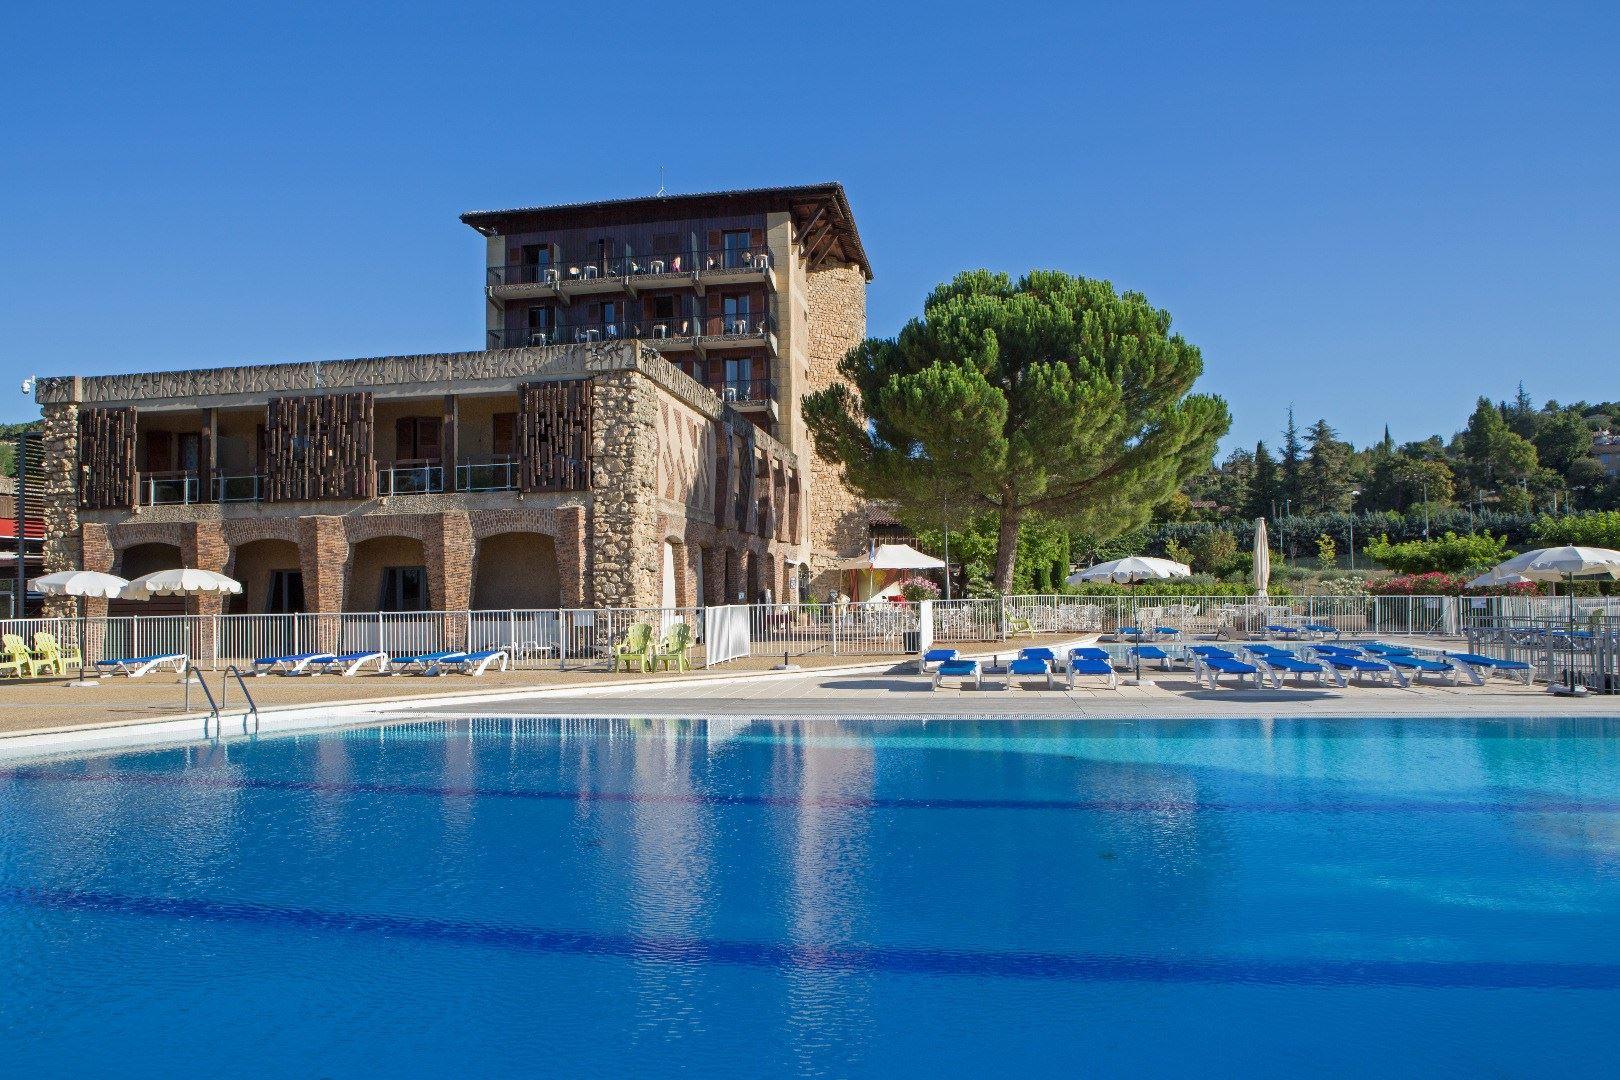 Vacances ULVF - Le Castel Luberon